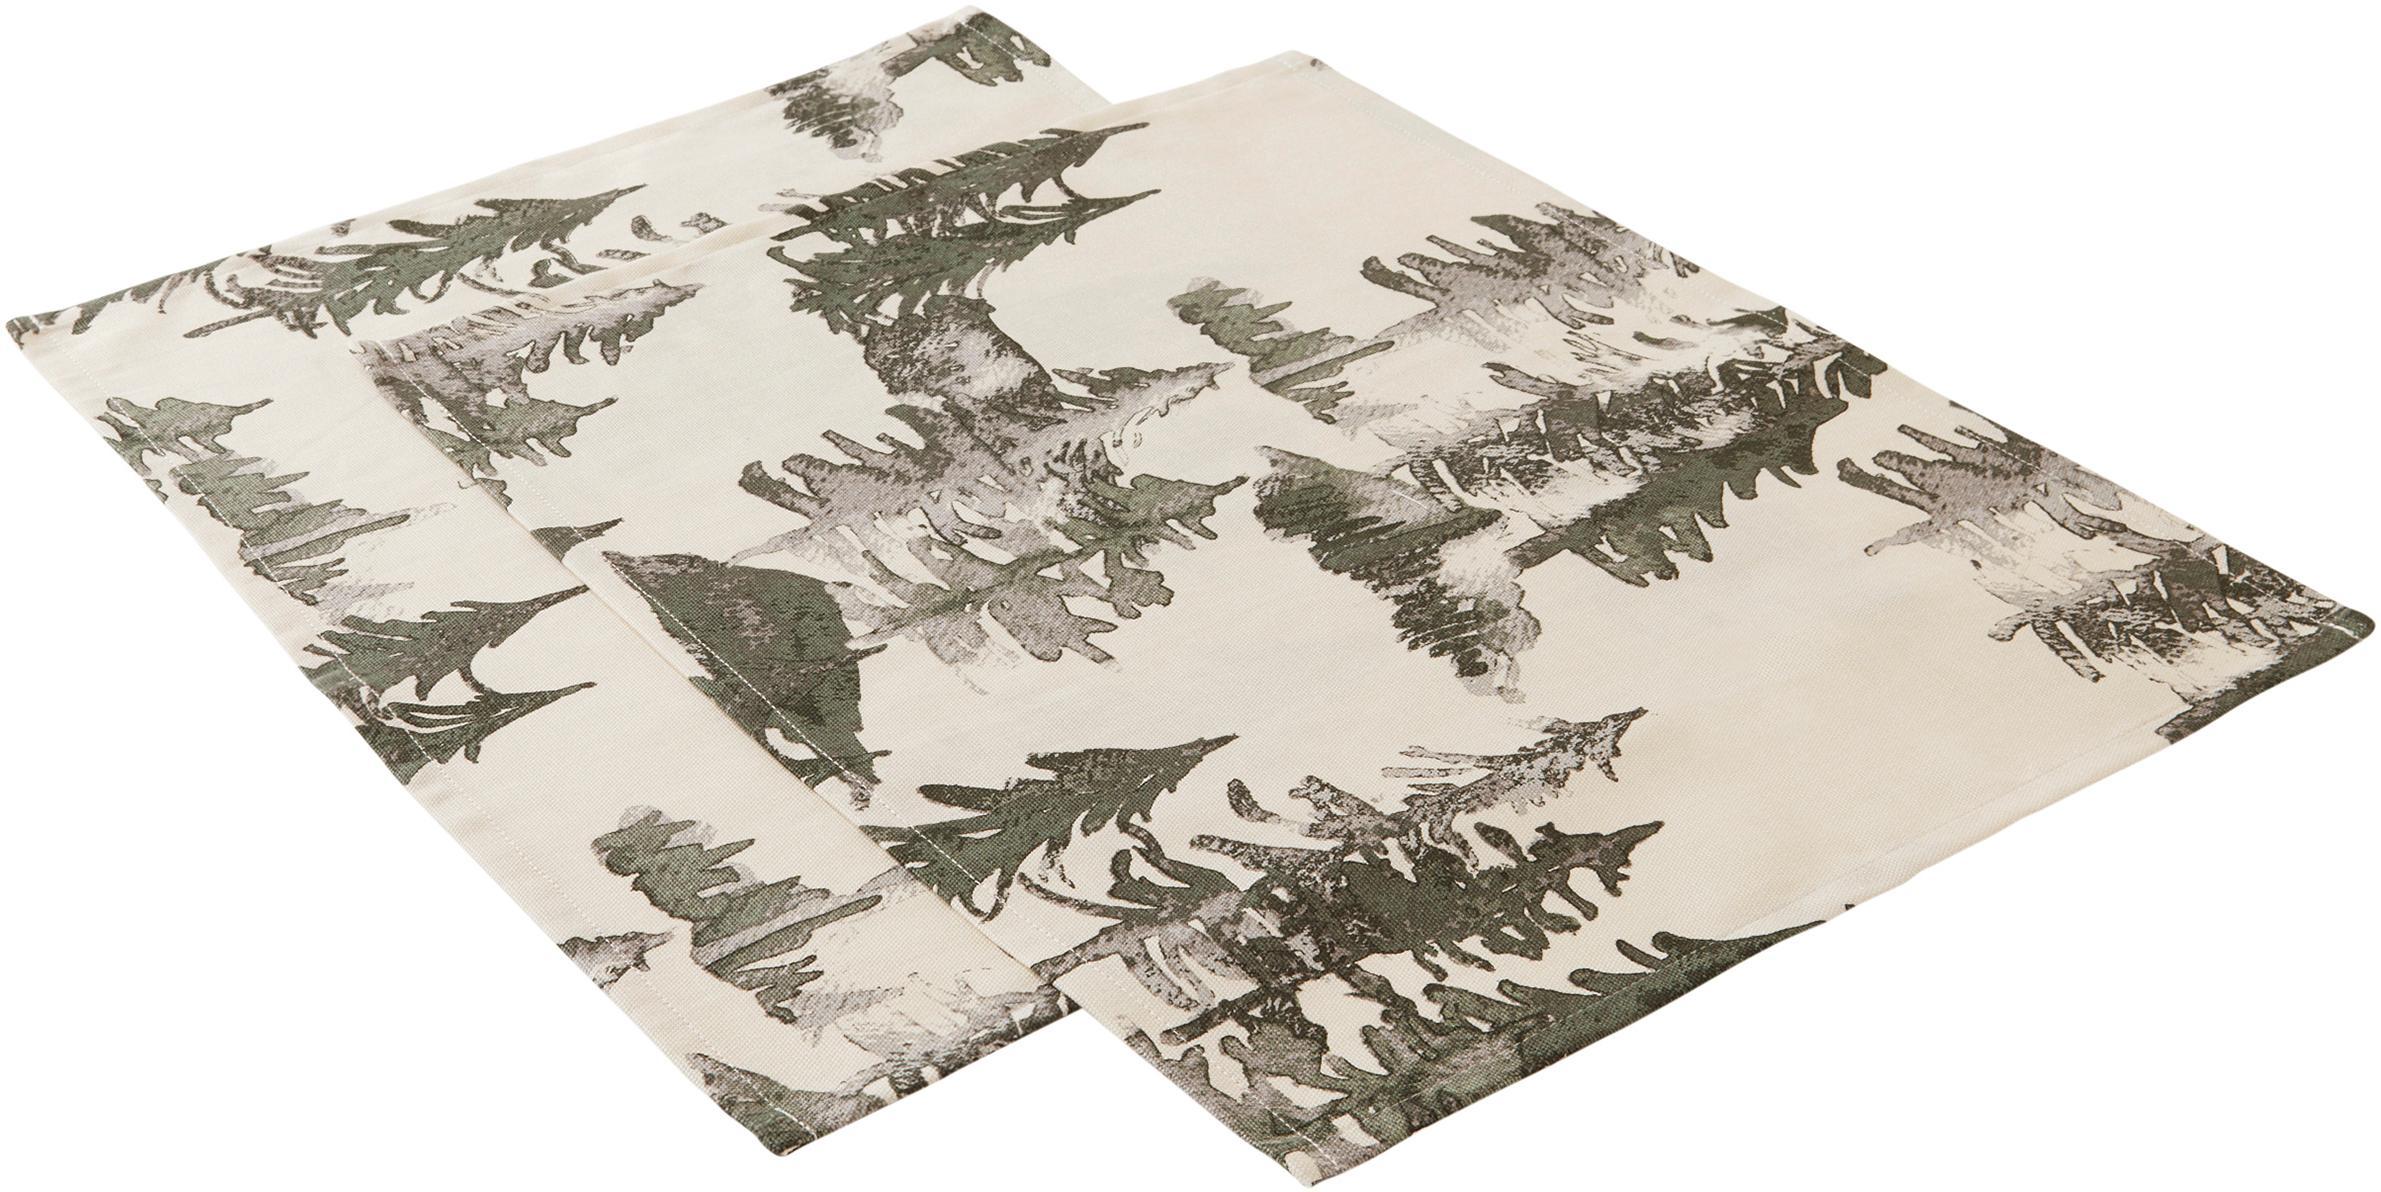 Tovaglietta americana Forrest 2 pz, 100% cotone da coltivazione sostenibile, Crema, tonalità verdi e grigie, Larg. 35 x Lung. 45 cm